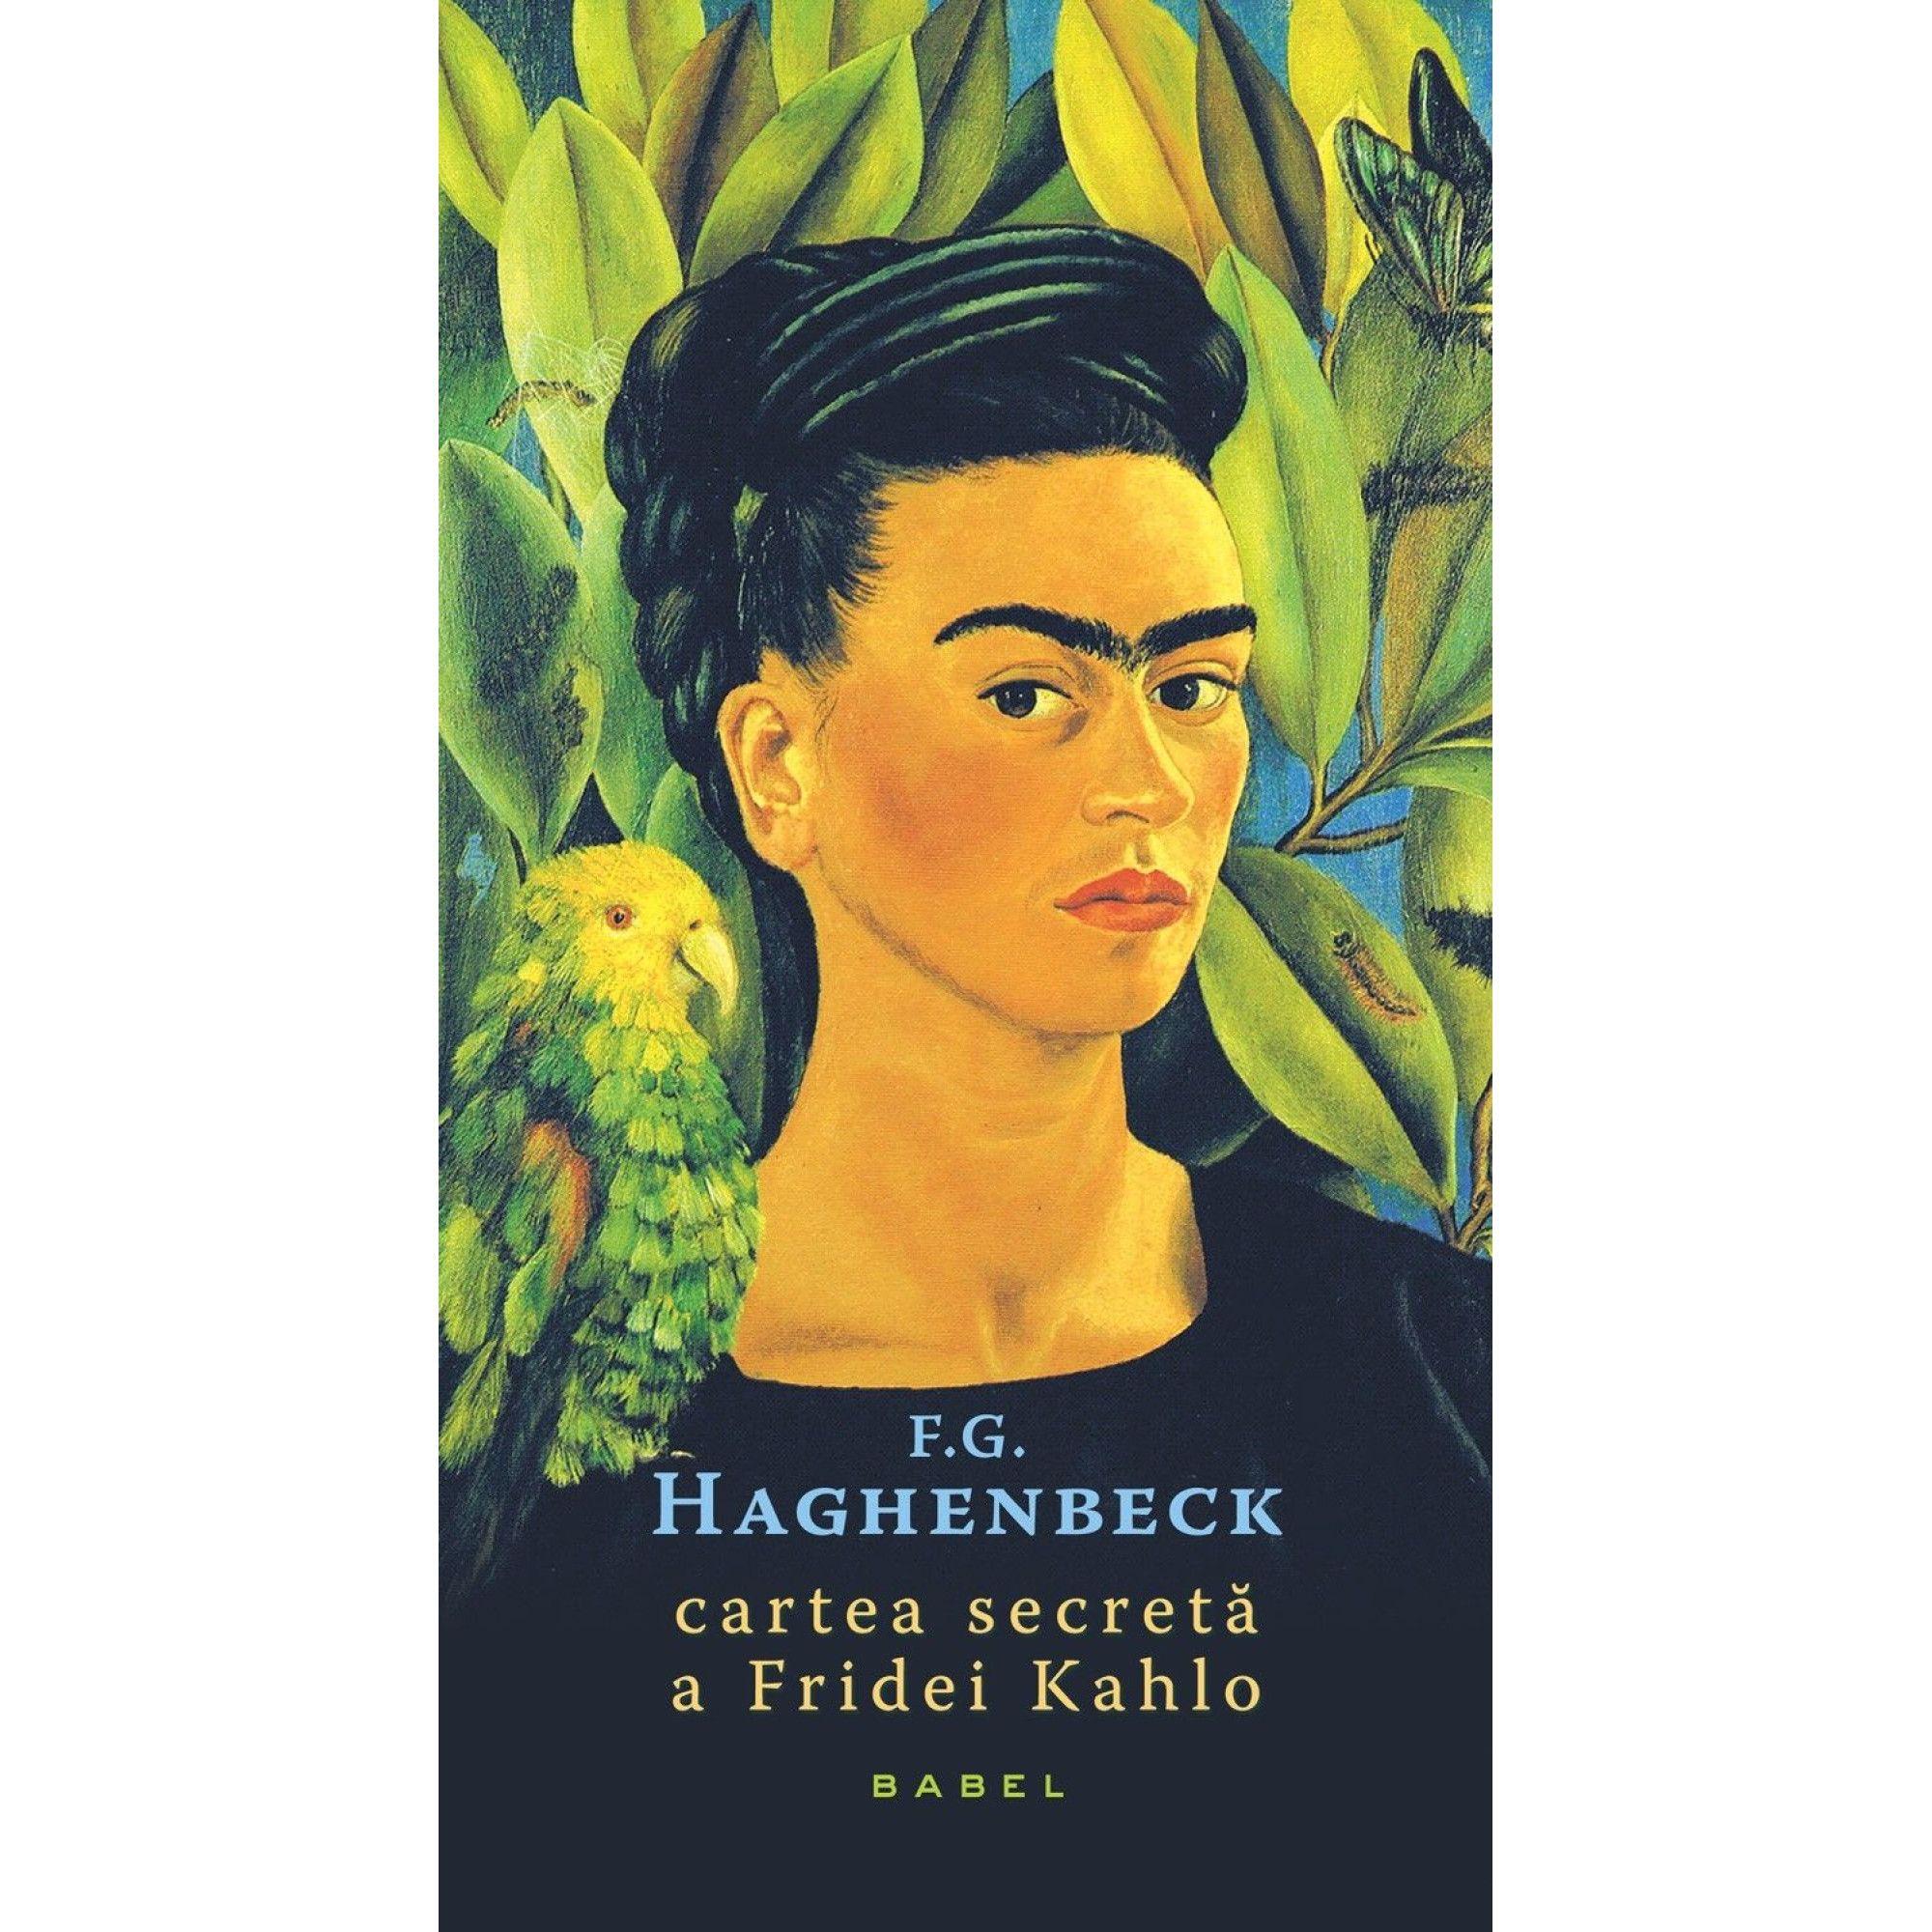 fg-haghenback---cartea-secreta-a-fridei-kahlo-c1